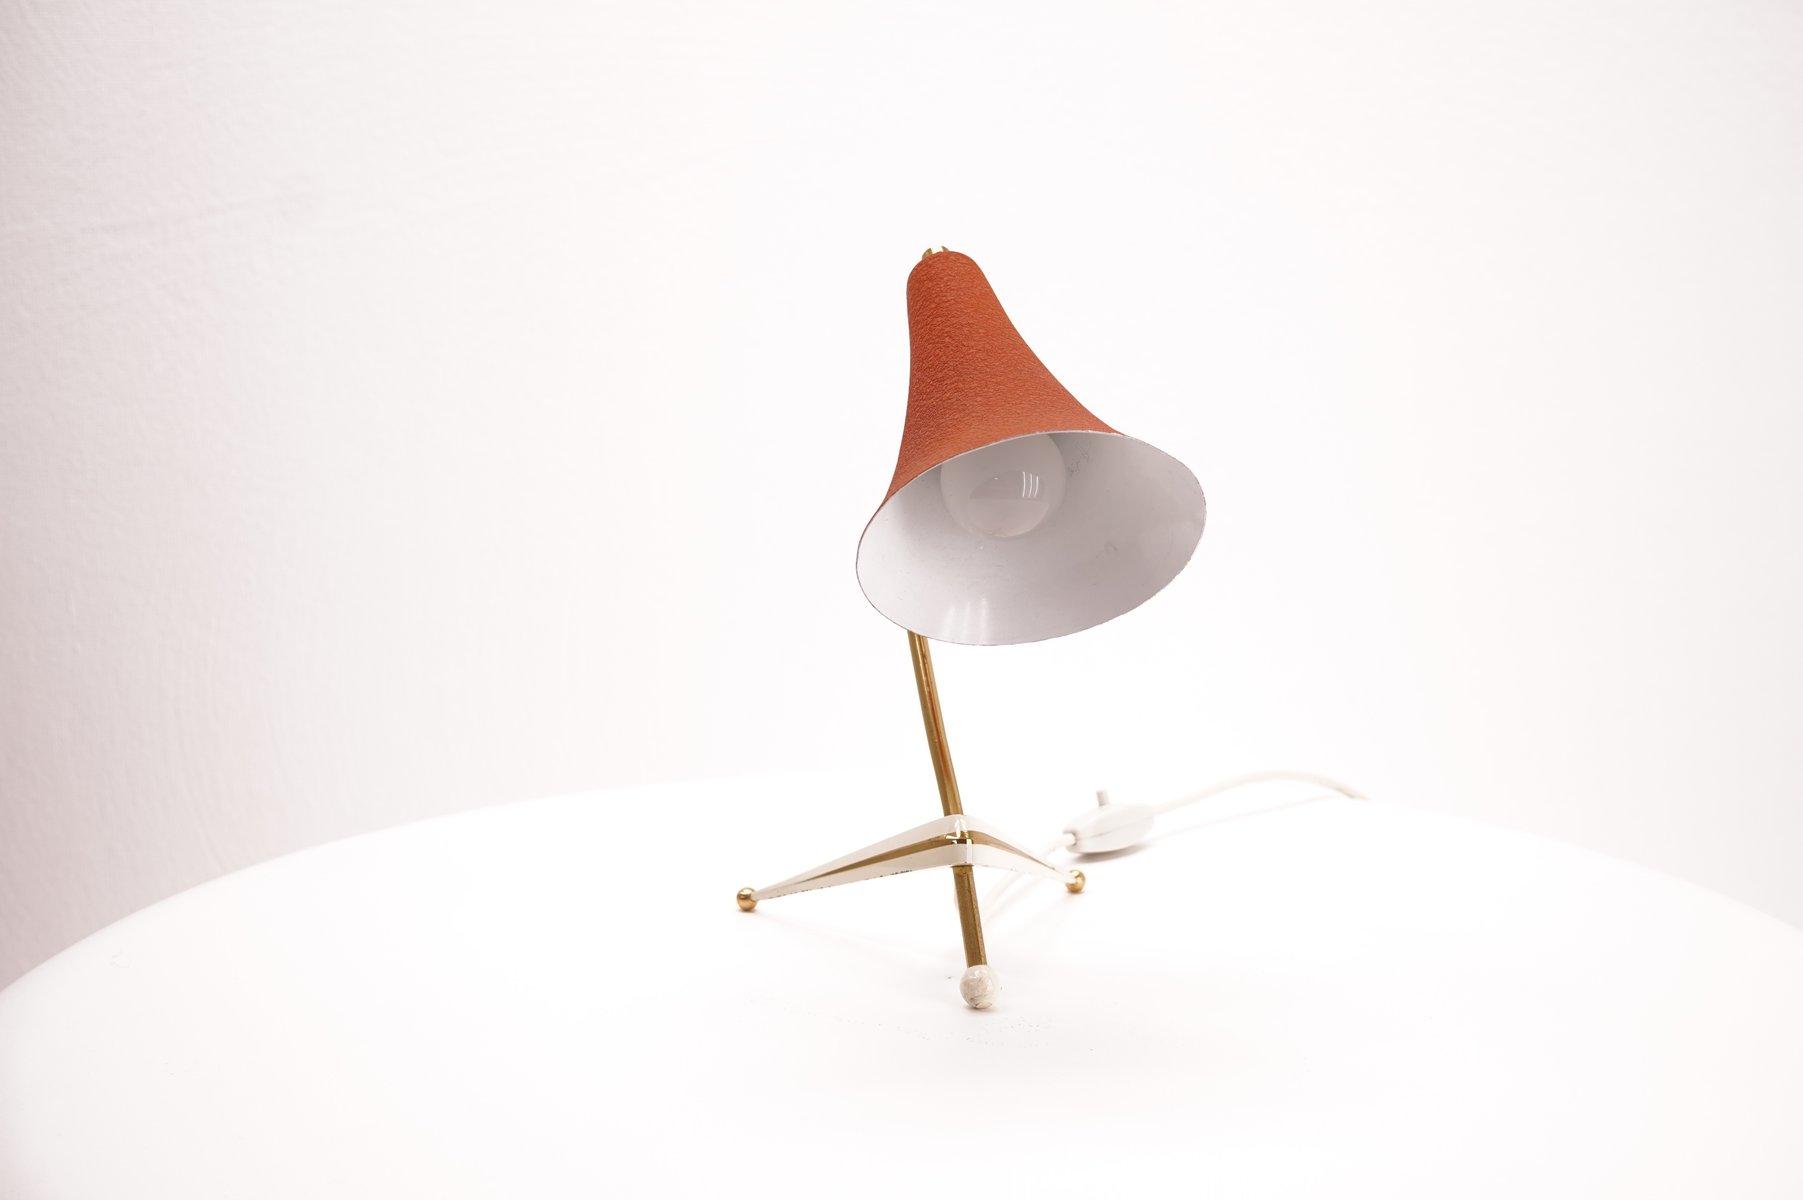 vintage tripod tischlampe mit schirm in orange bei pamono. Black Bedroom Furniture Sets. Home Design Ideas